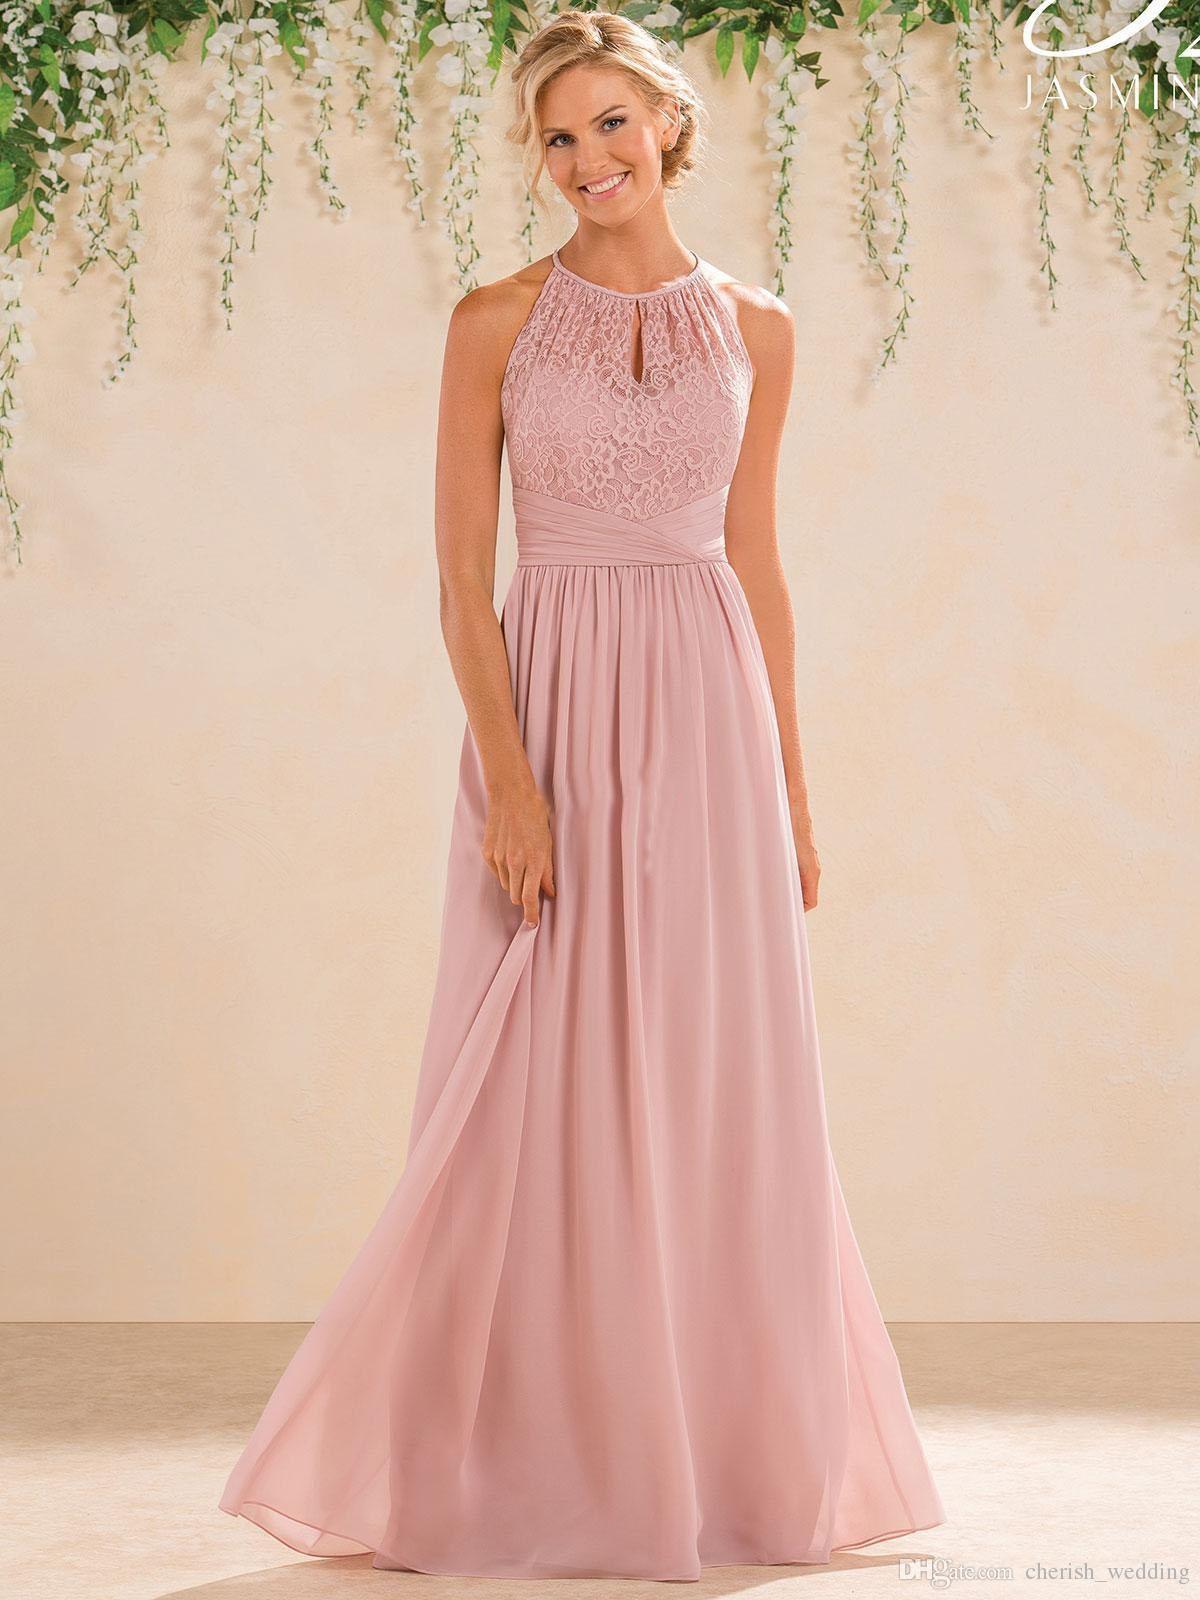 13 Kreativ Lange Kleider Für Hochzeit VertriebDesigner Top Lange Kleider Für Hochzeit Spezialgebiet